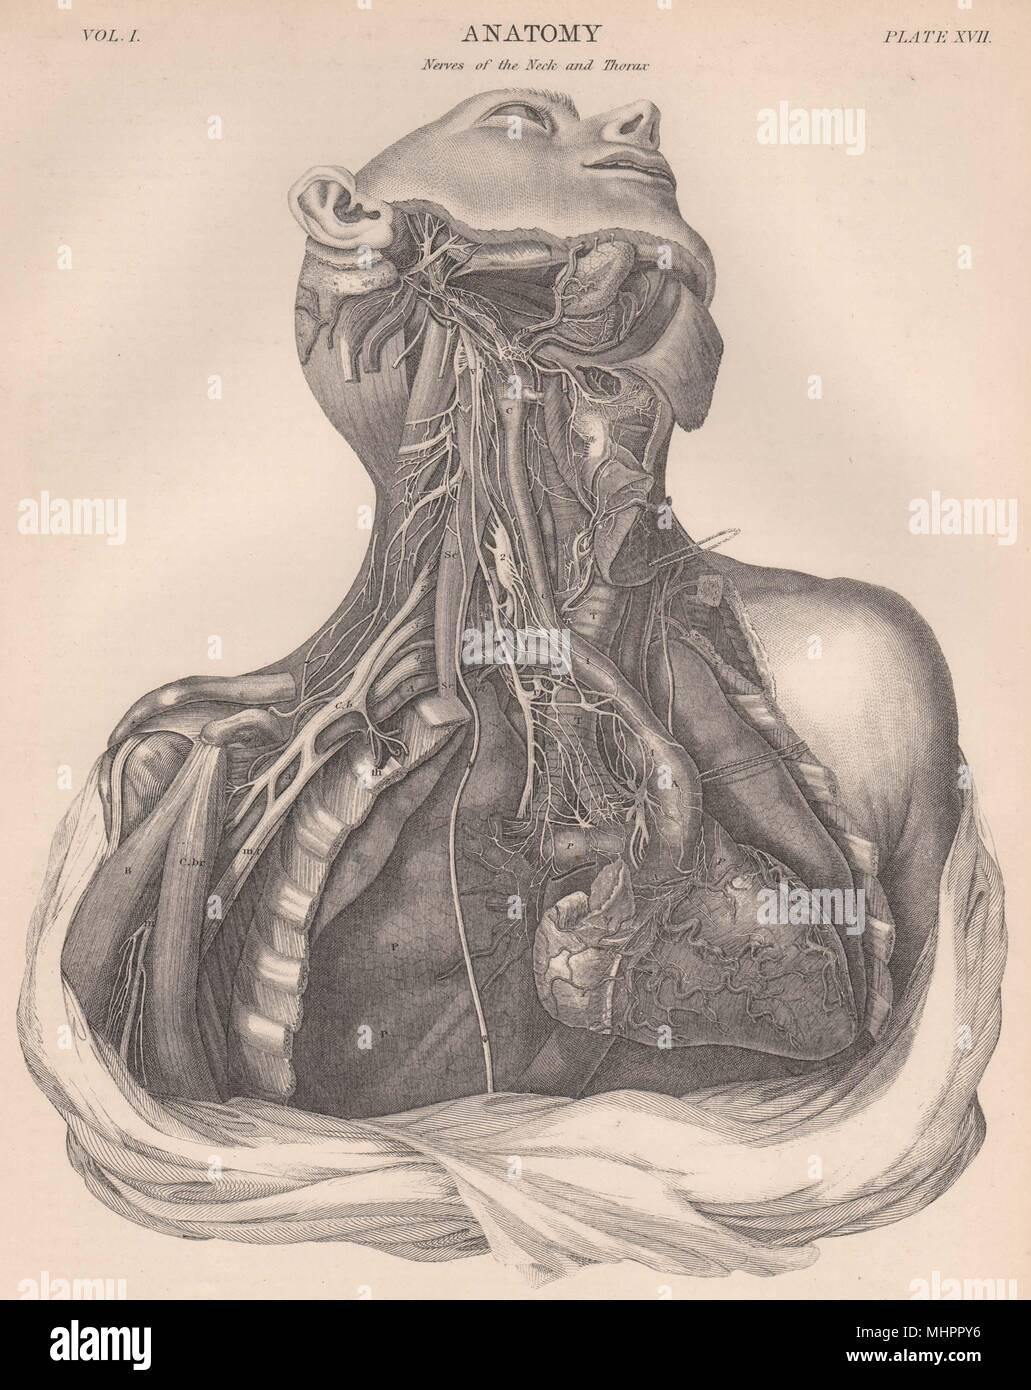 Die menschliche Anatomie. Die Nerven der Hals und Thorax 1898 alte ...